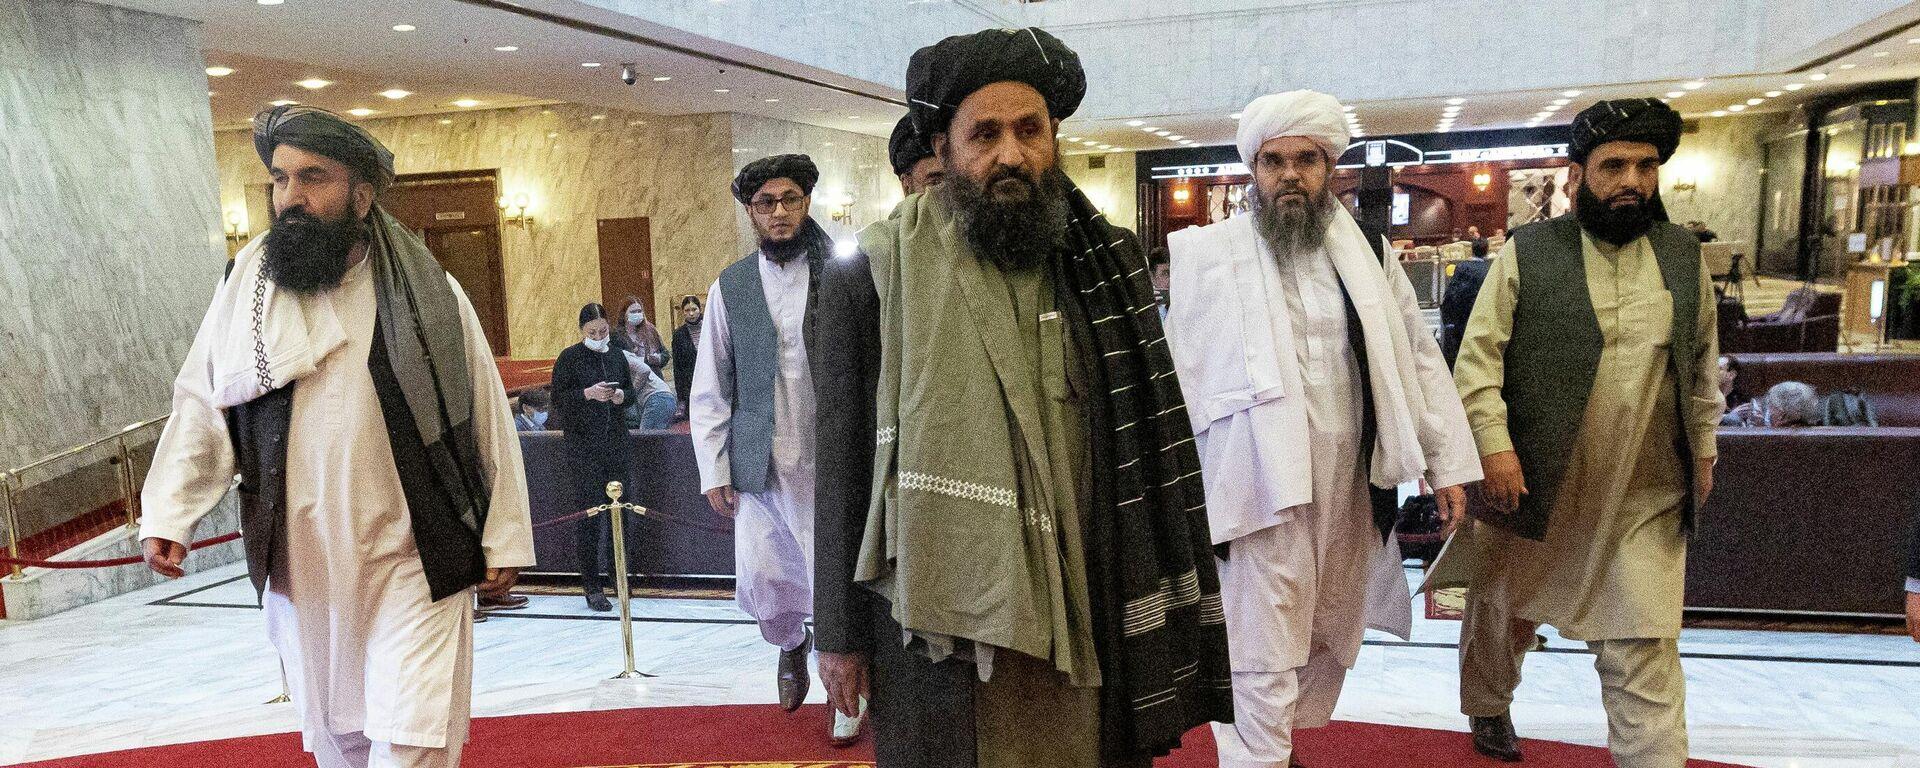 Taliban-Chef Mullah Abdul Ghani Baradar bei den Verhandlungen mit der afghanischen Regierung in Moskau (Archivbild) - SNA, 1920, 14.04.2021